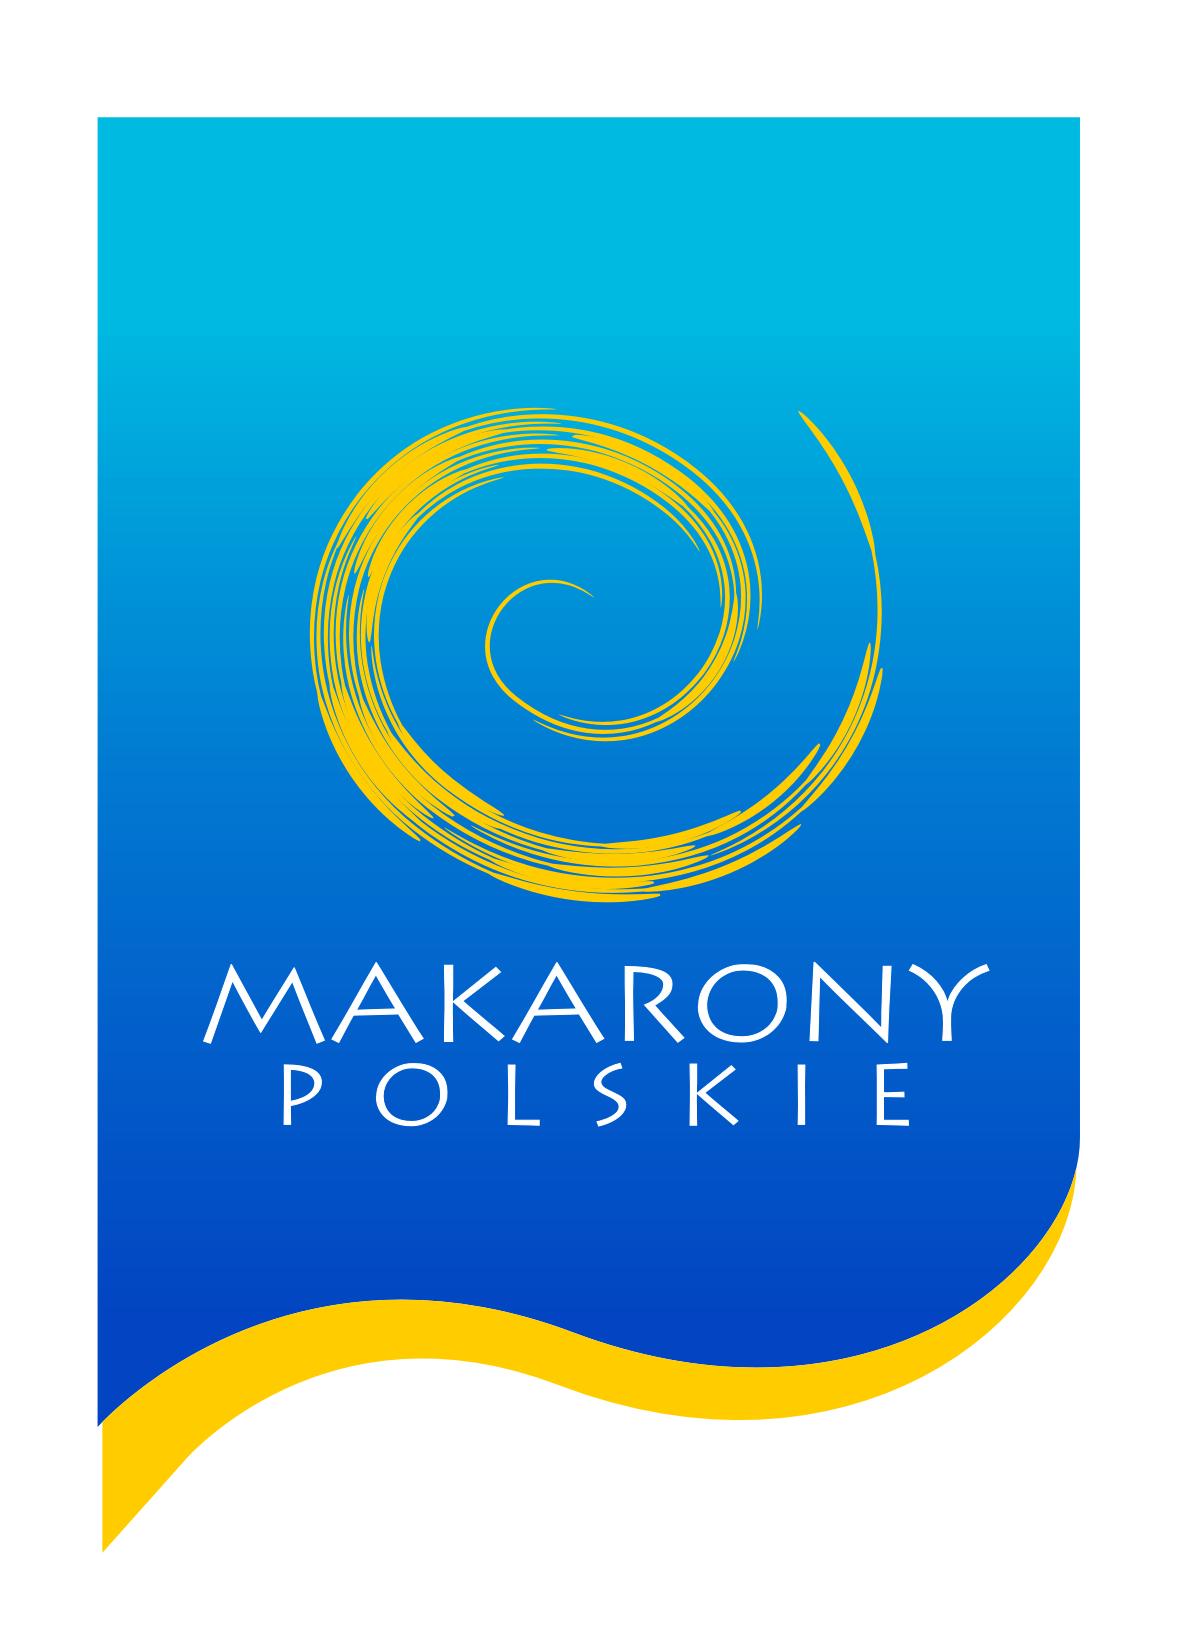 Grupa Makarony Polskie zwiększa zyski